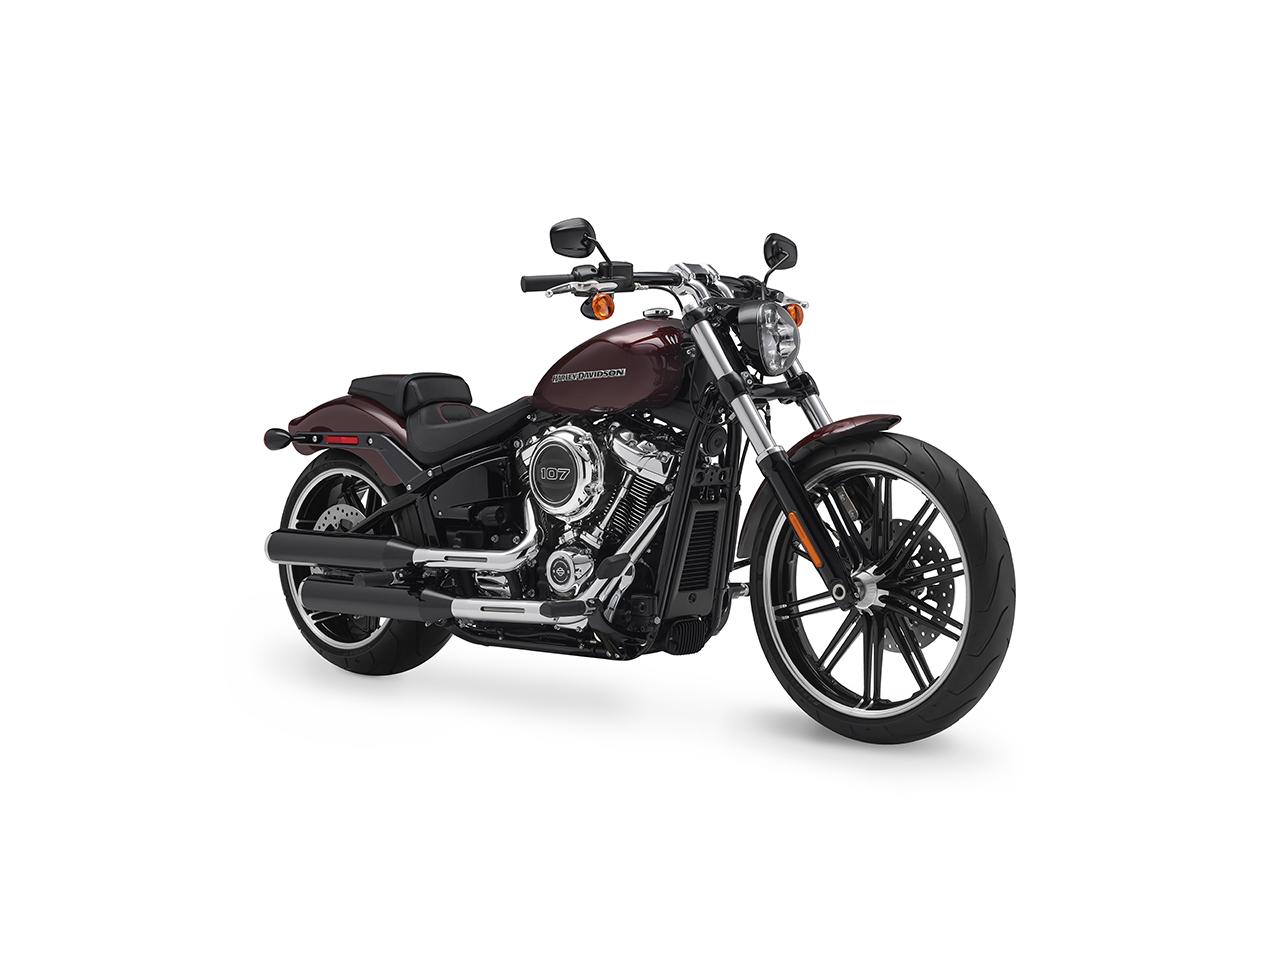 2018 Harley-Davidson Breakout Image